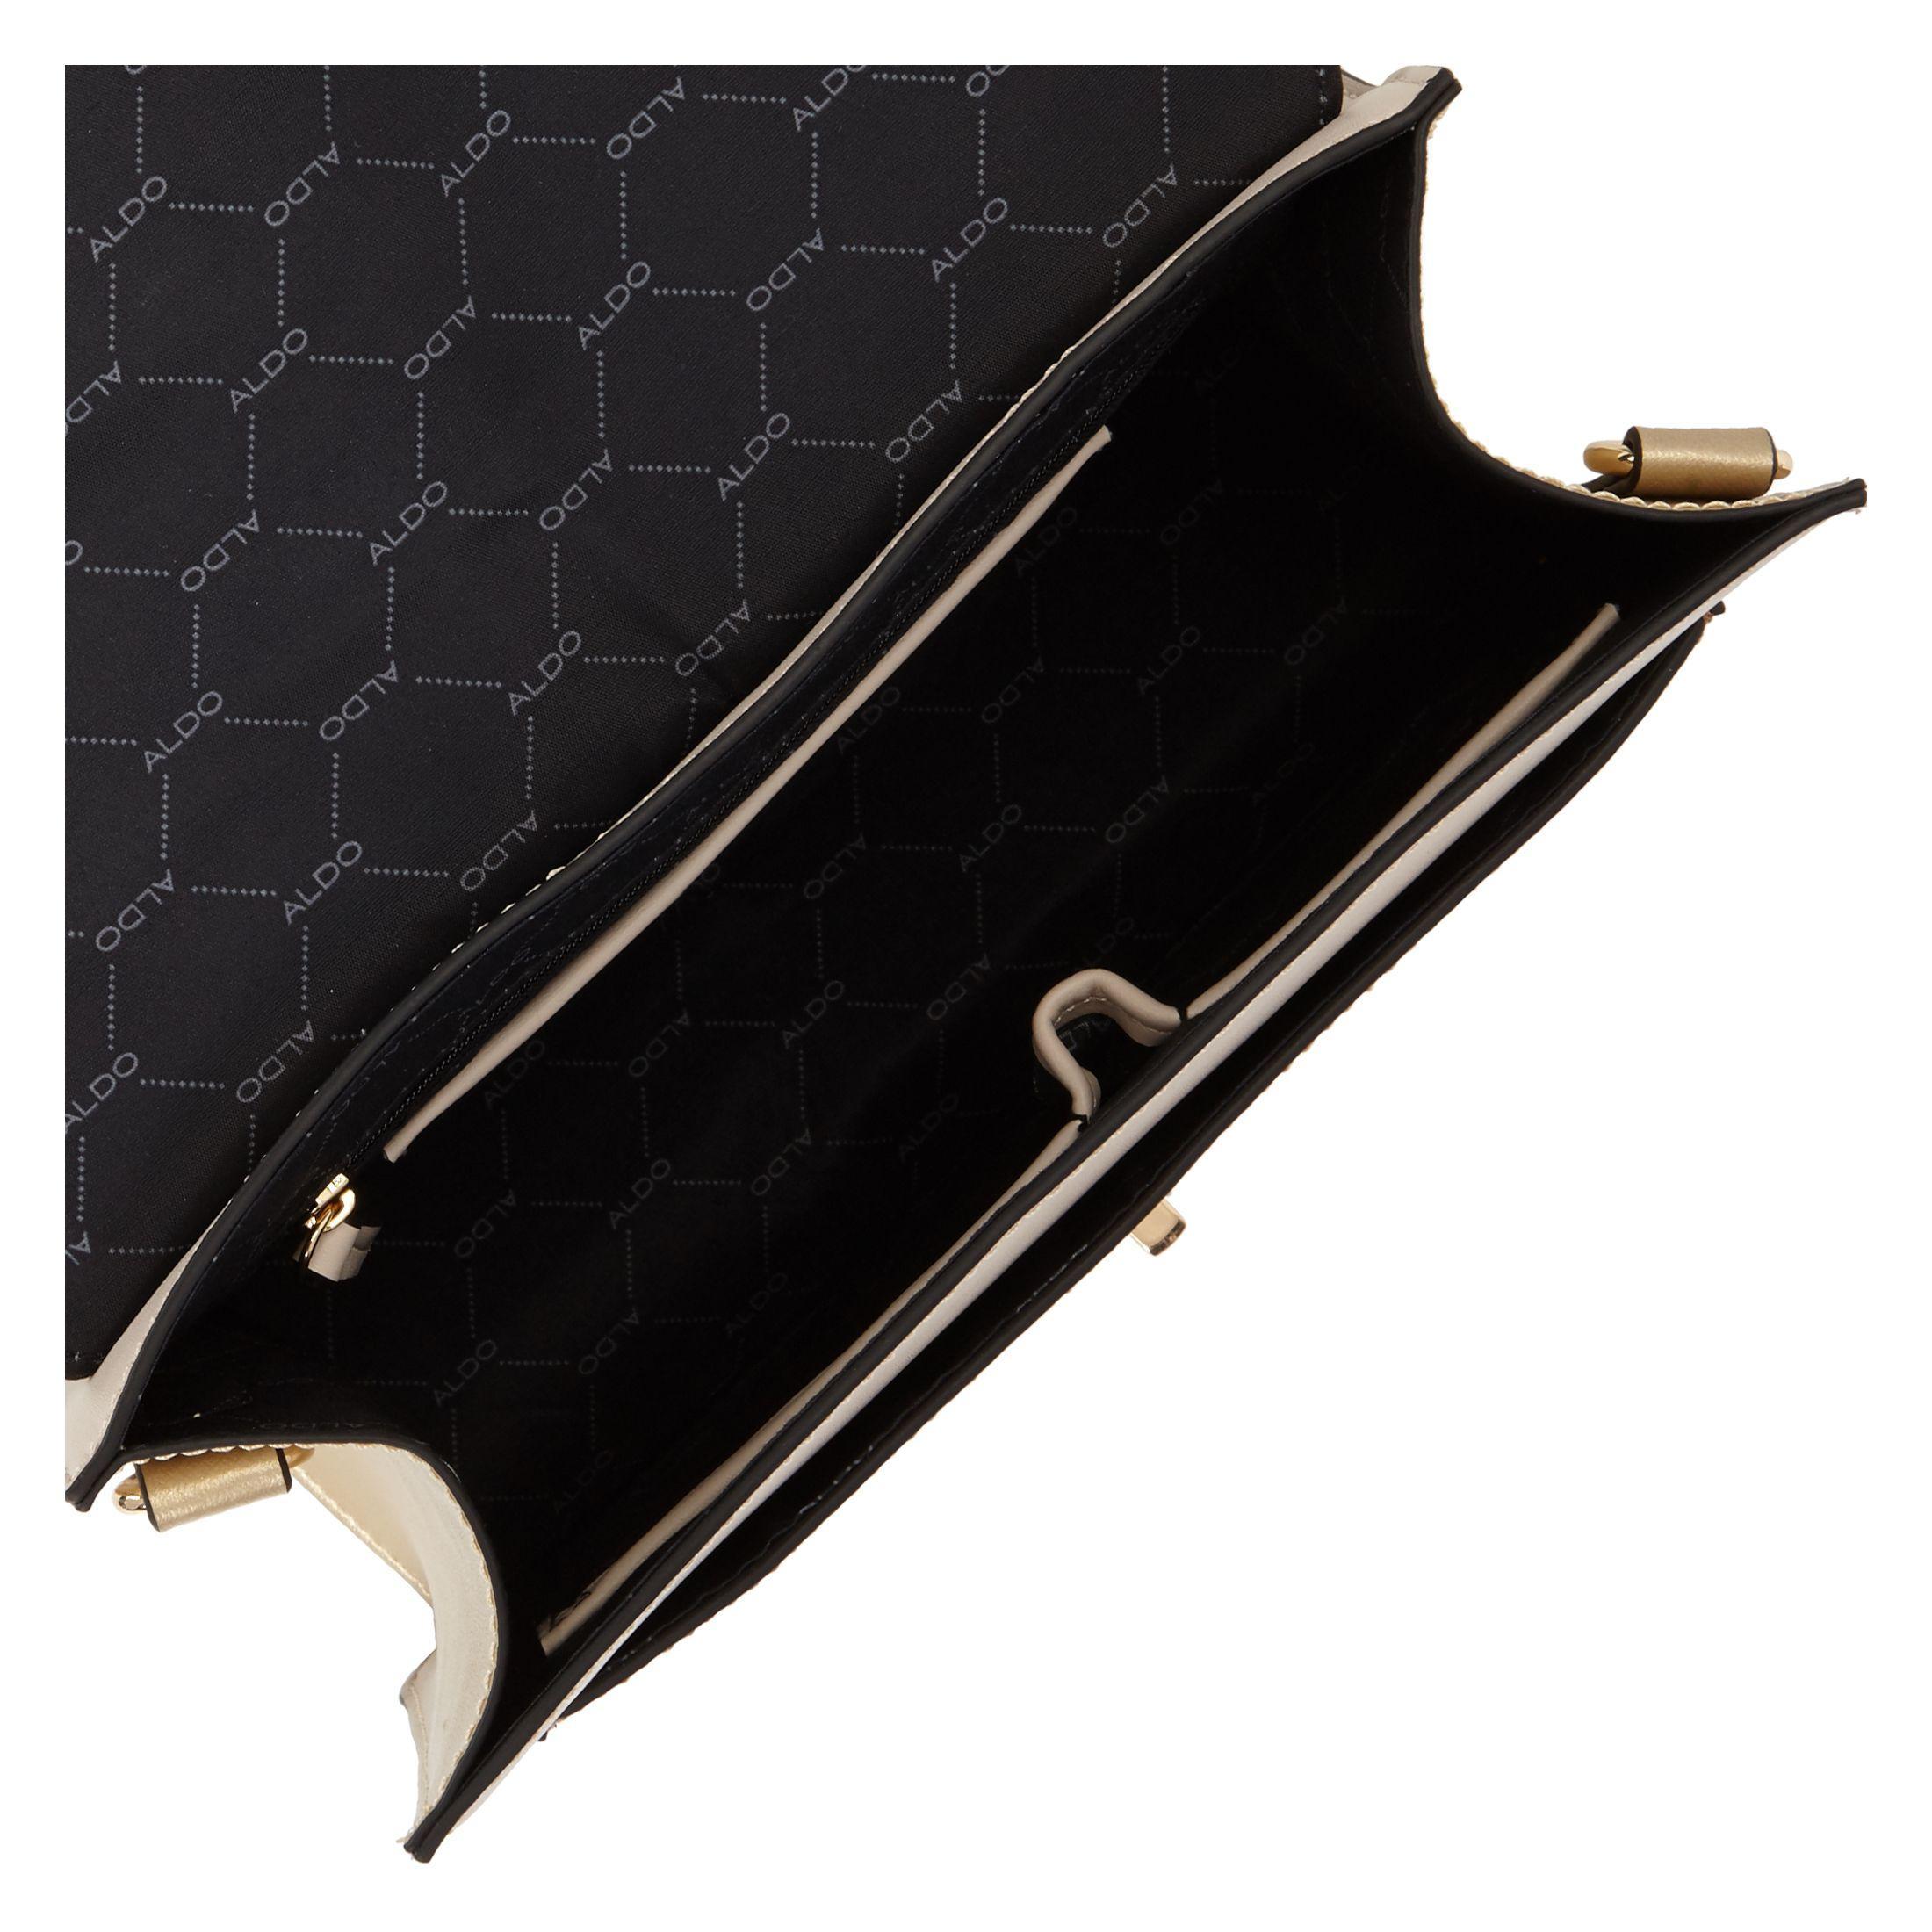 ALDO Synthetic Scilva Cross Body Bag in Navy (Black)